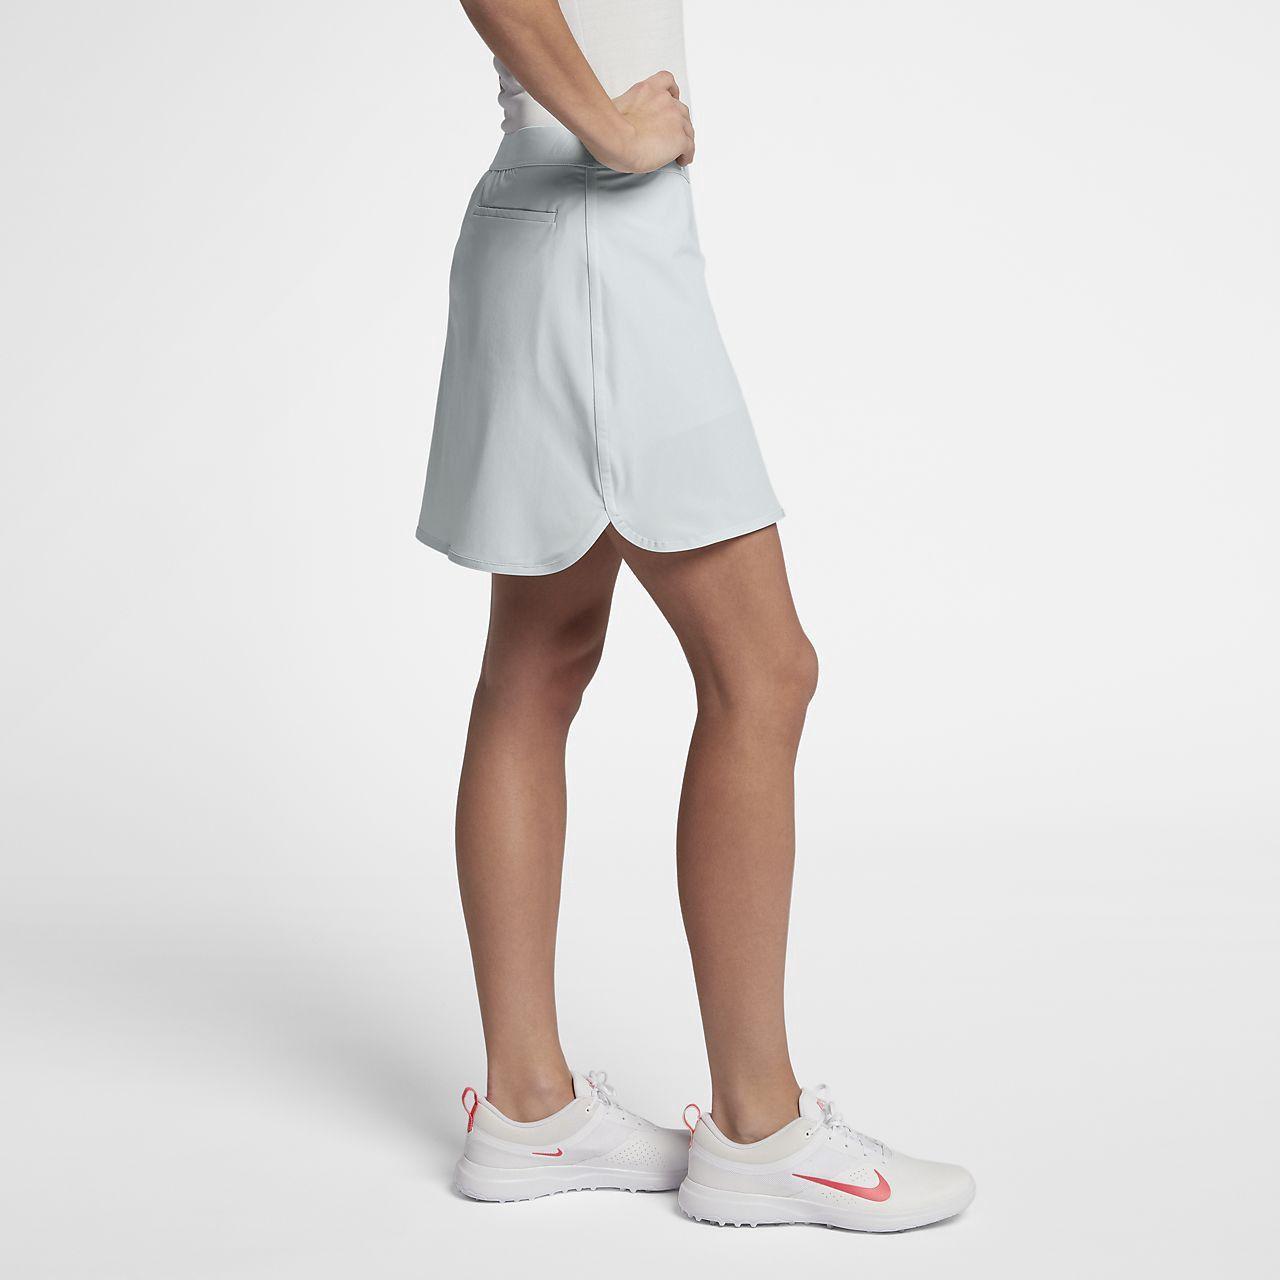 Nike flex womens 15 woven golf skort 2xl 2022